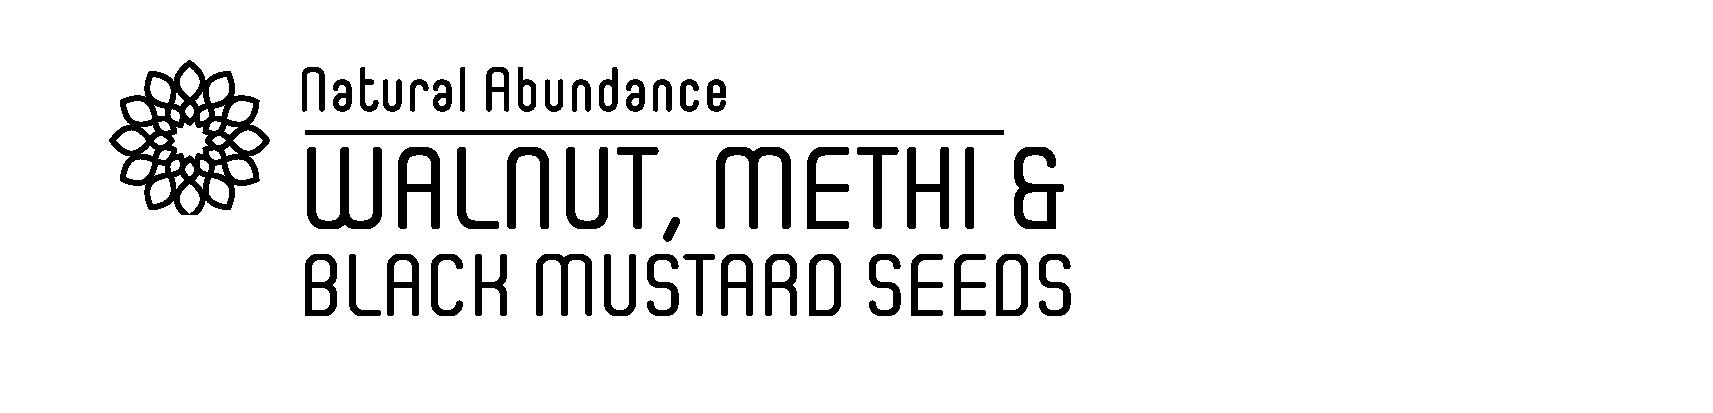 PC_Walnut, Methi & Black Mustard Seeds.png